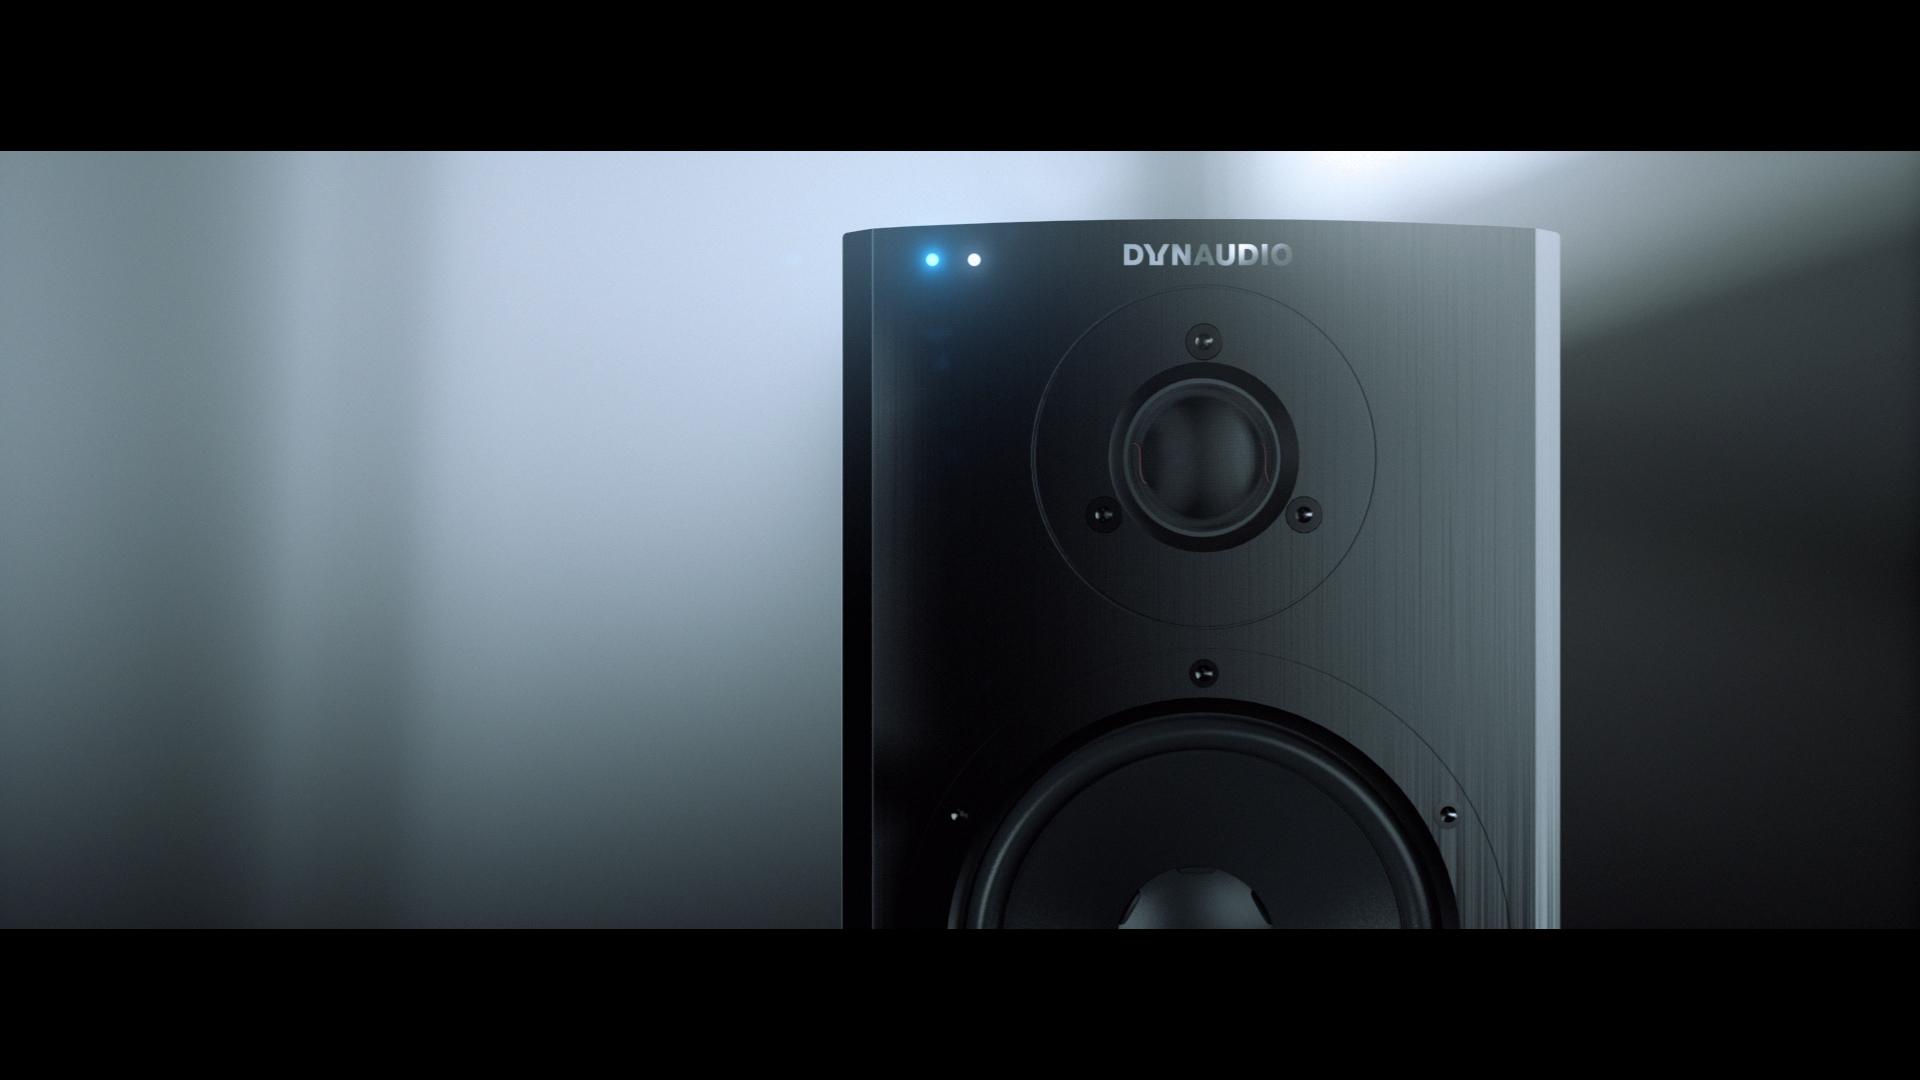 DynAudio_Xeo2_Produktfilm_2015_15_48s_UK_40562.mov.00_00_04_18.Still001